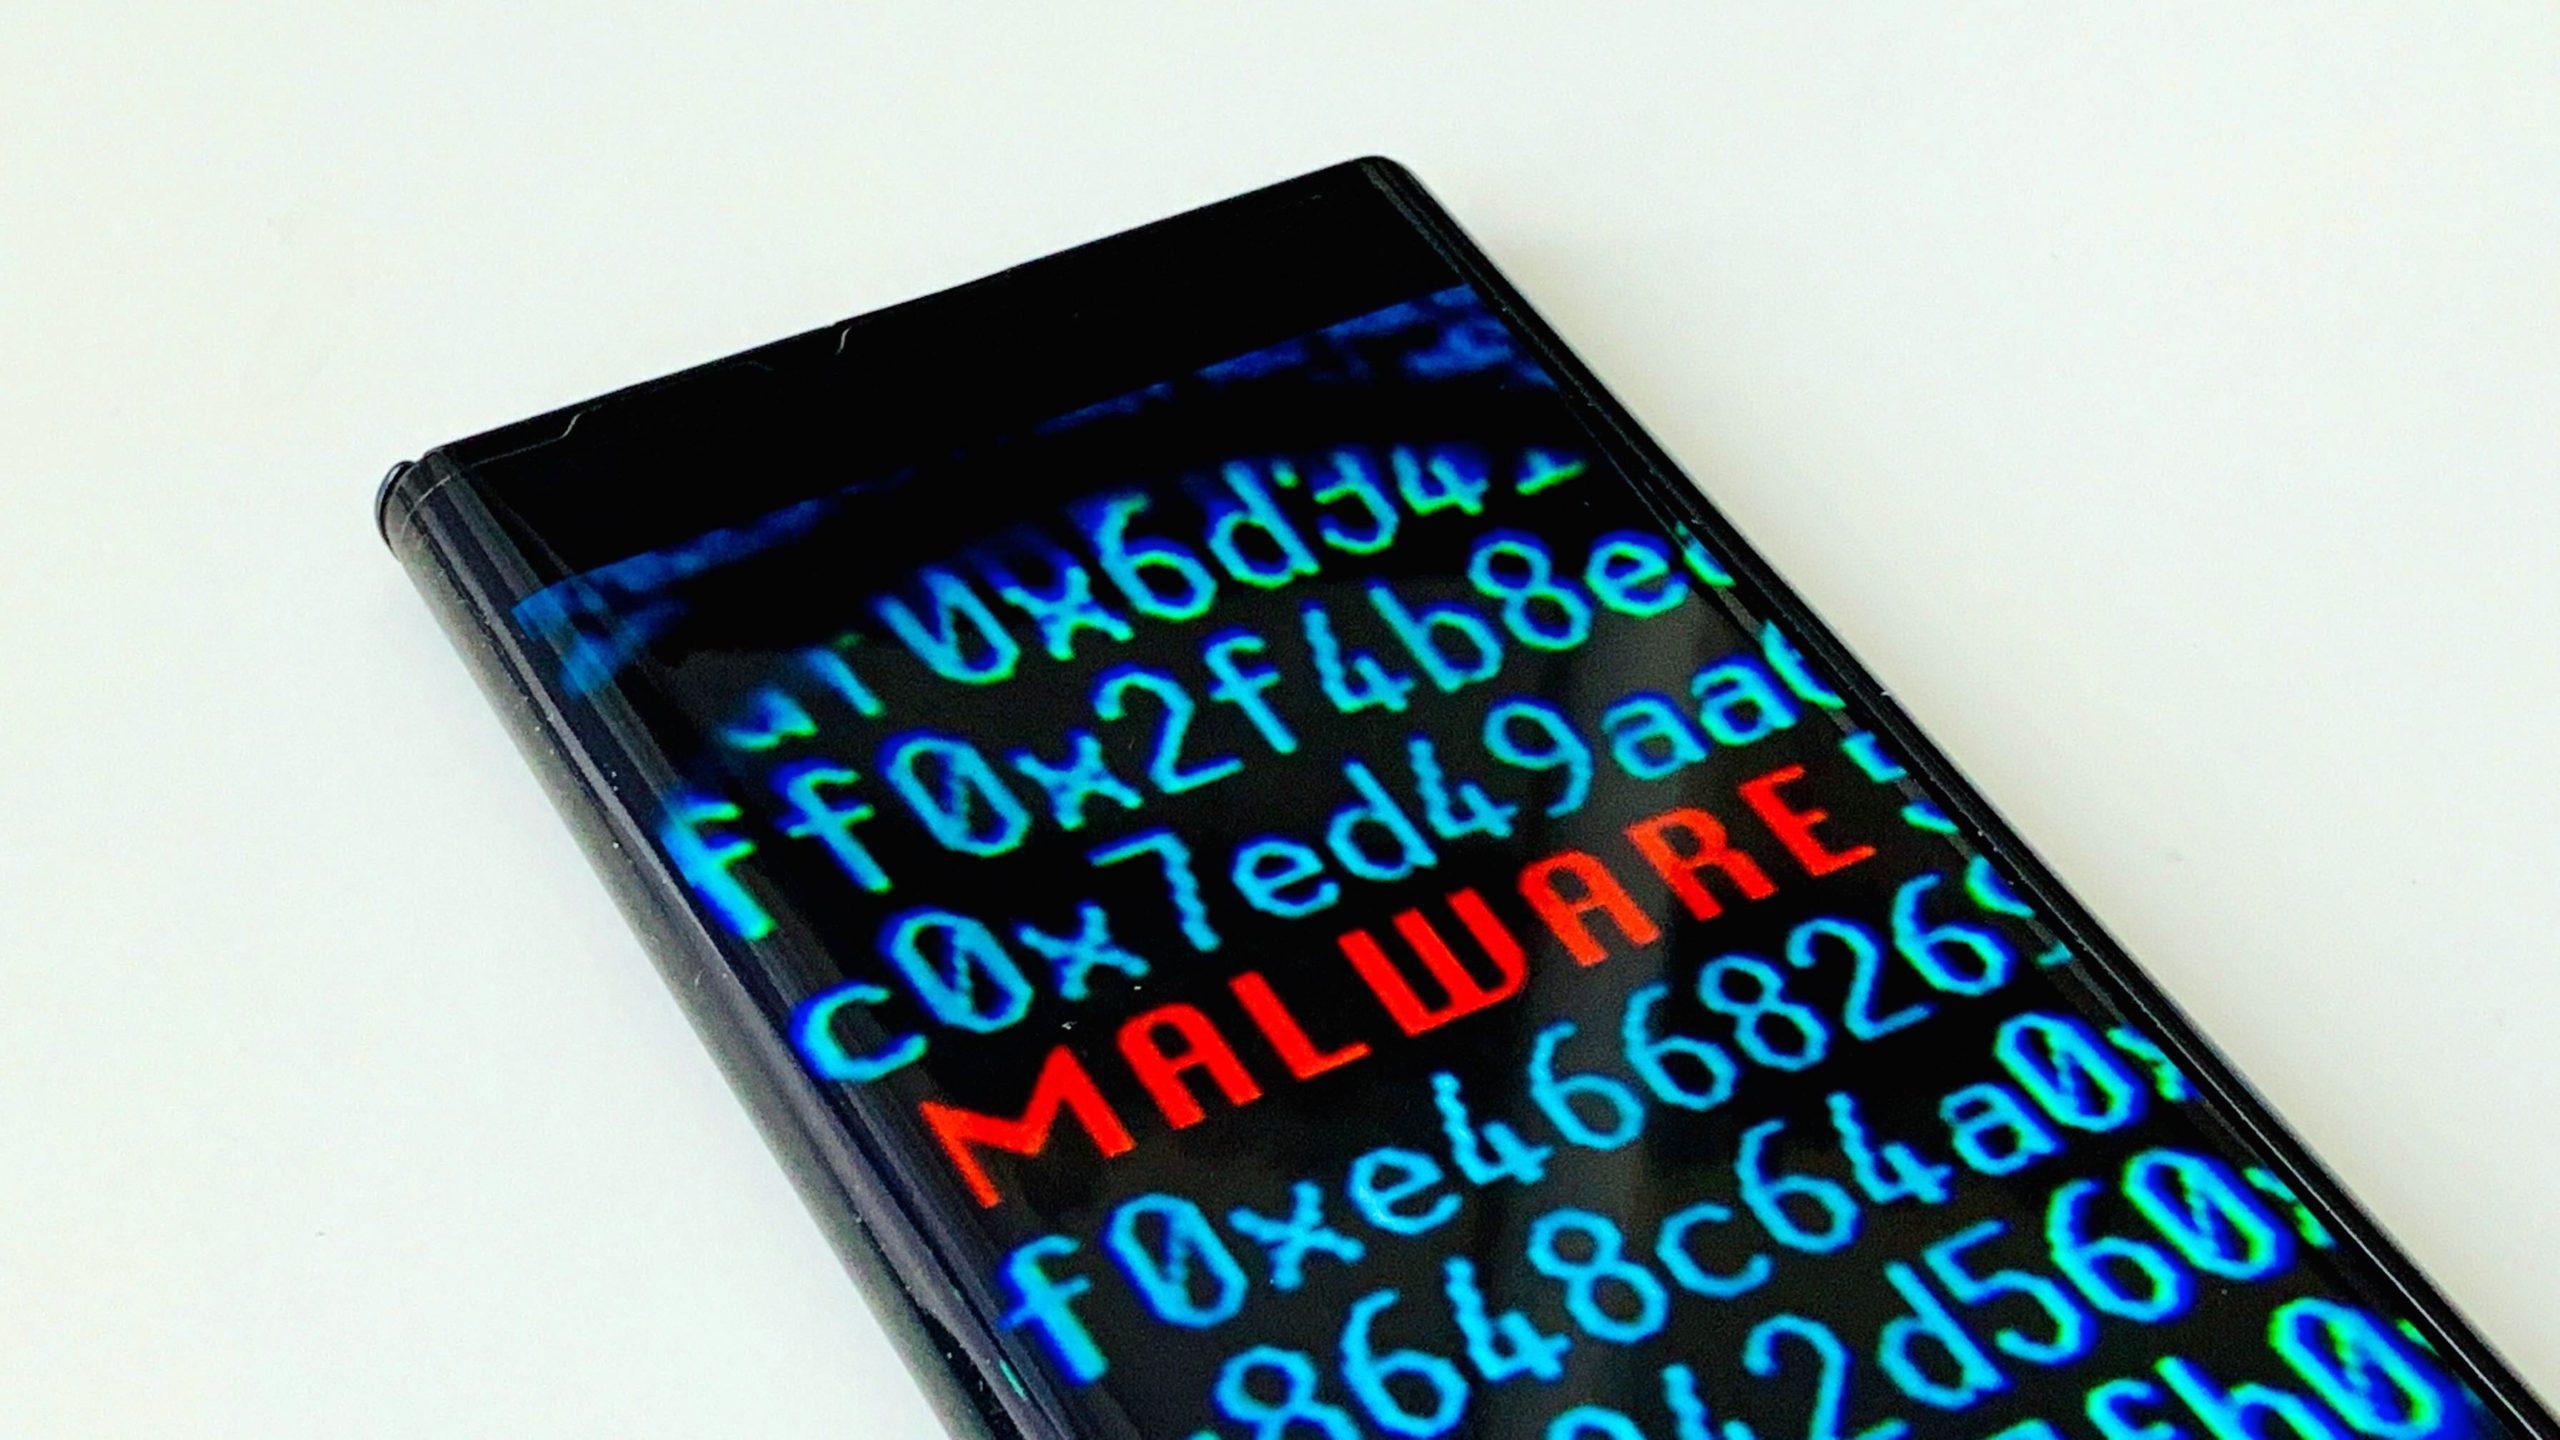 Objeven malware působící 4 roky na Android mobilech bez povšimnutí